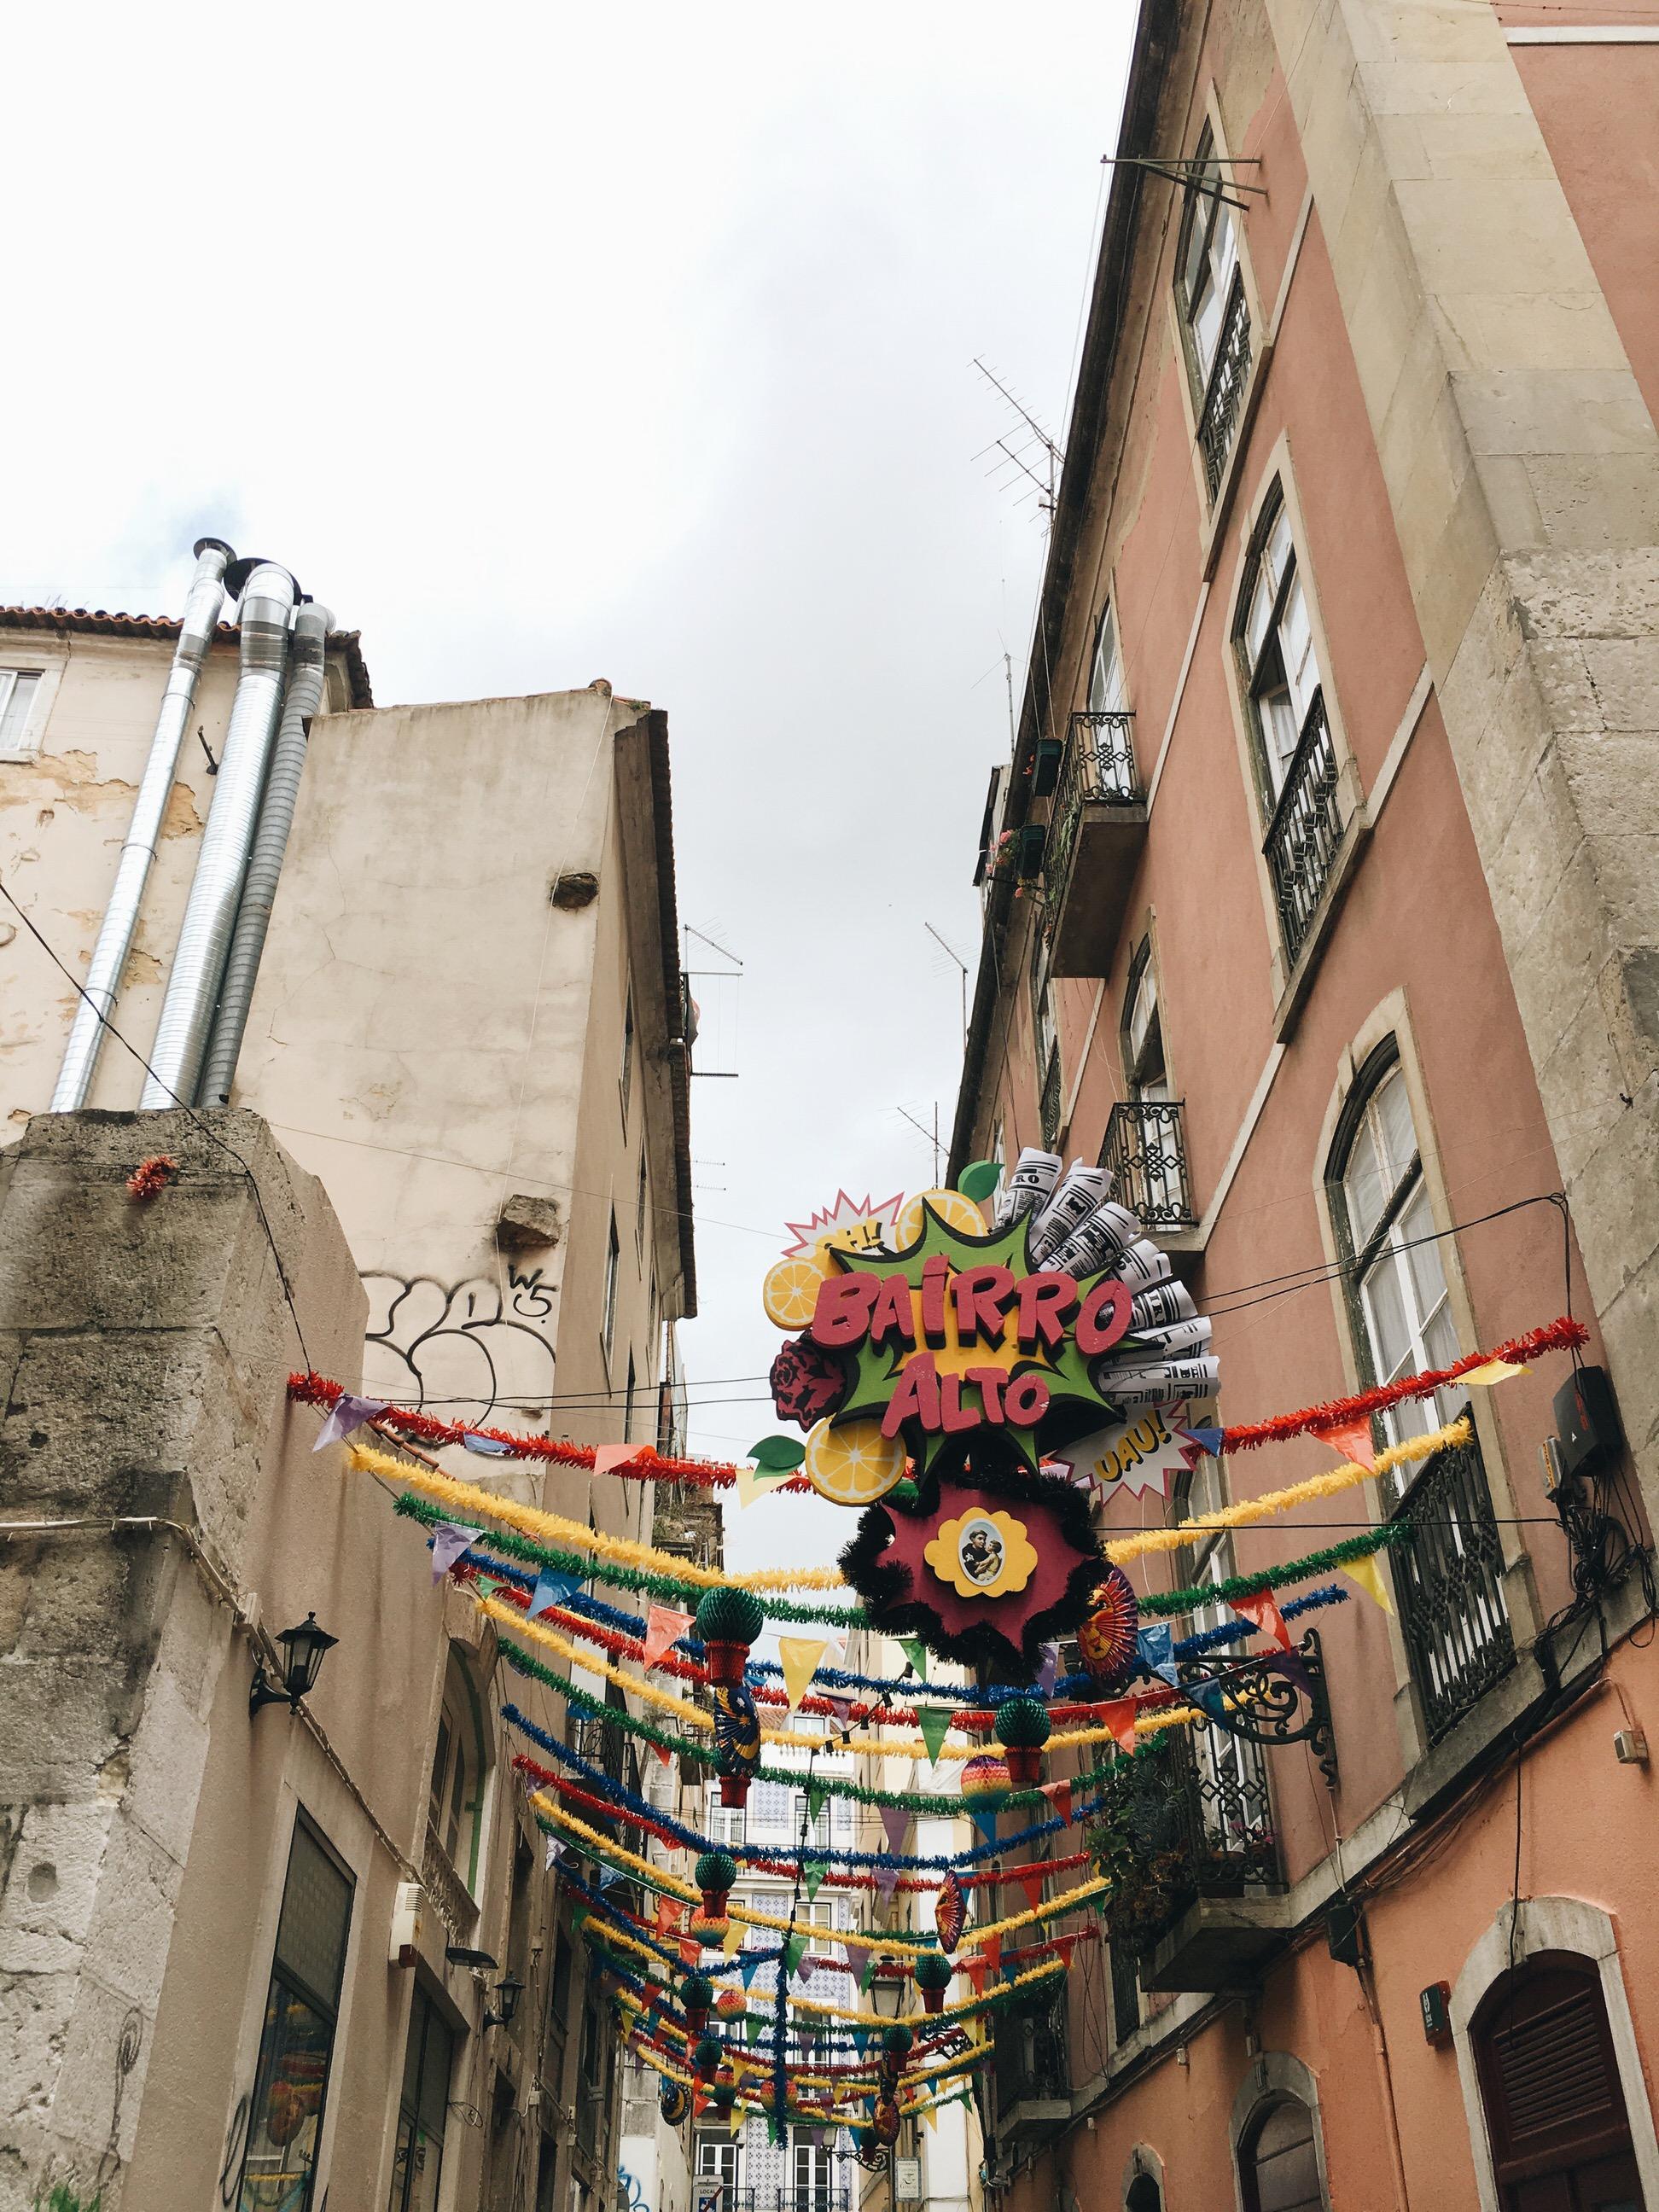 Reisebericht Lissabon Bairro Alto Viertel Citytrip